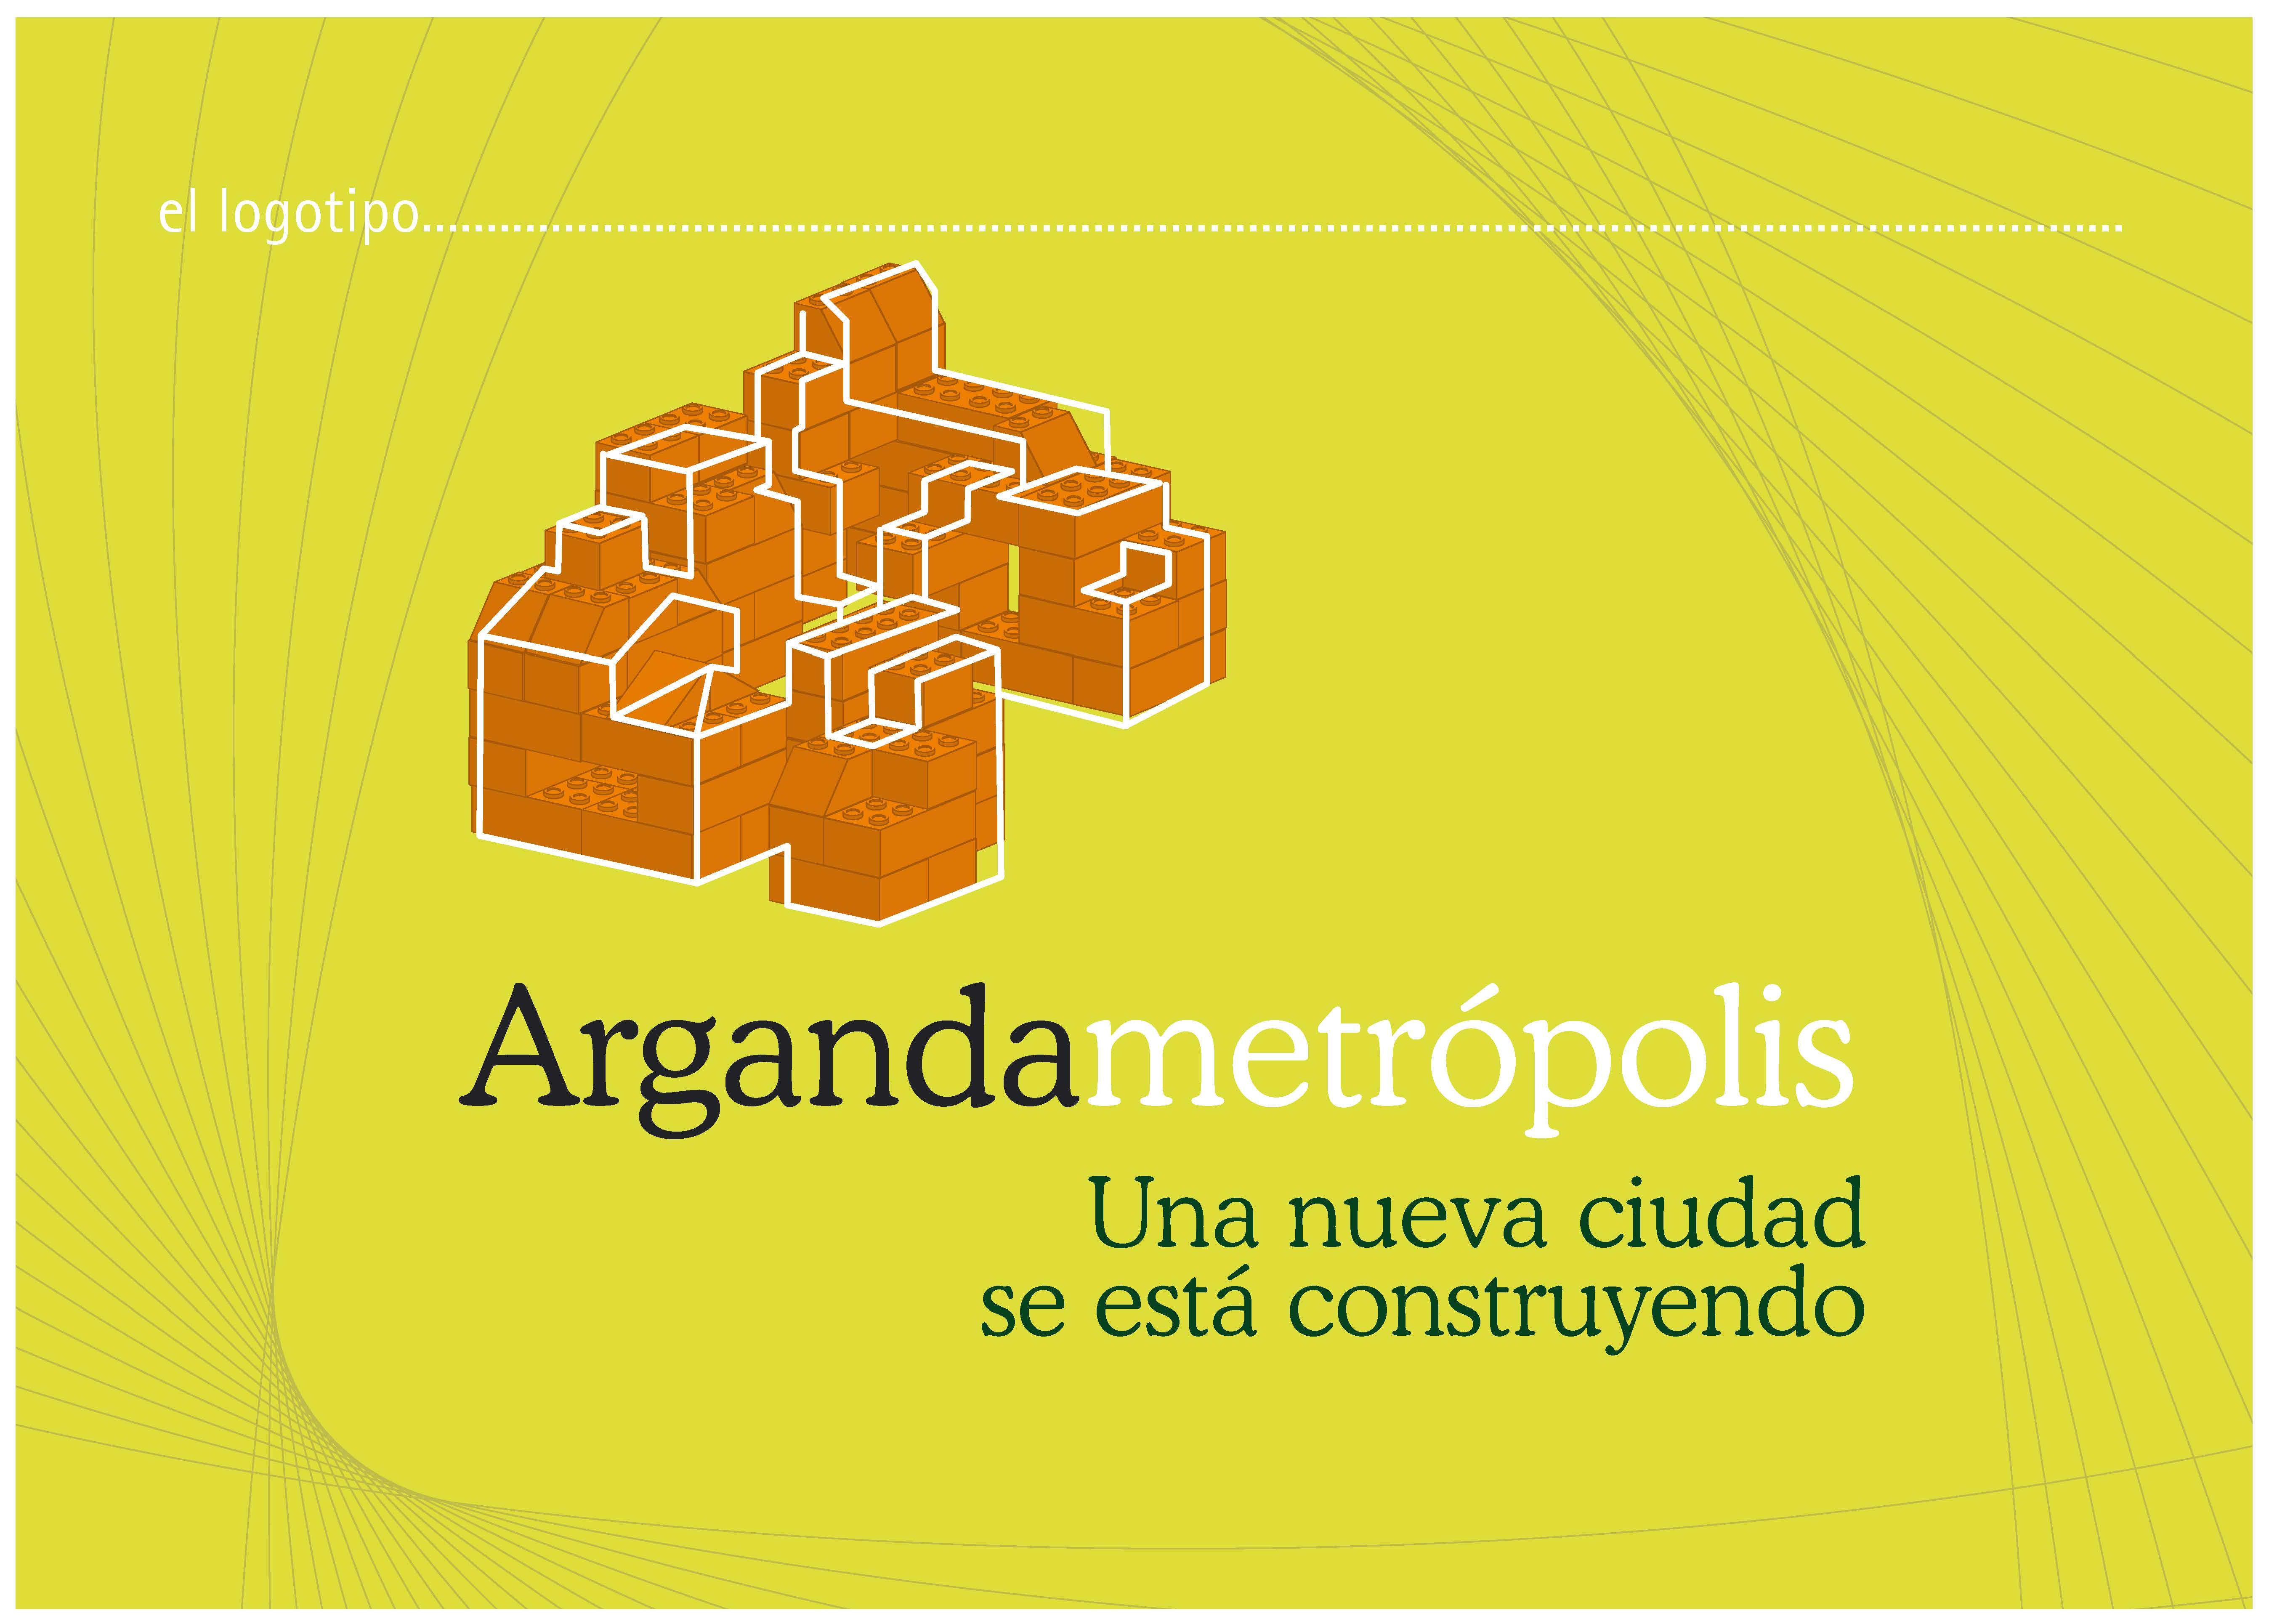 IC_Logo_e_imágen_Arganda_Metropolis_(2).jpg